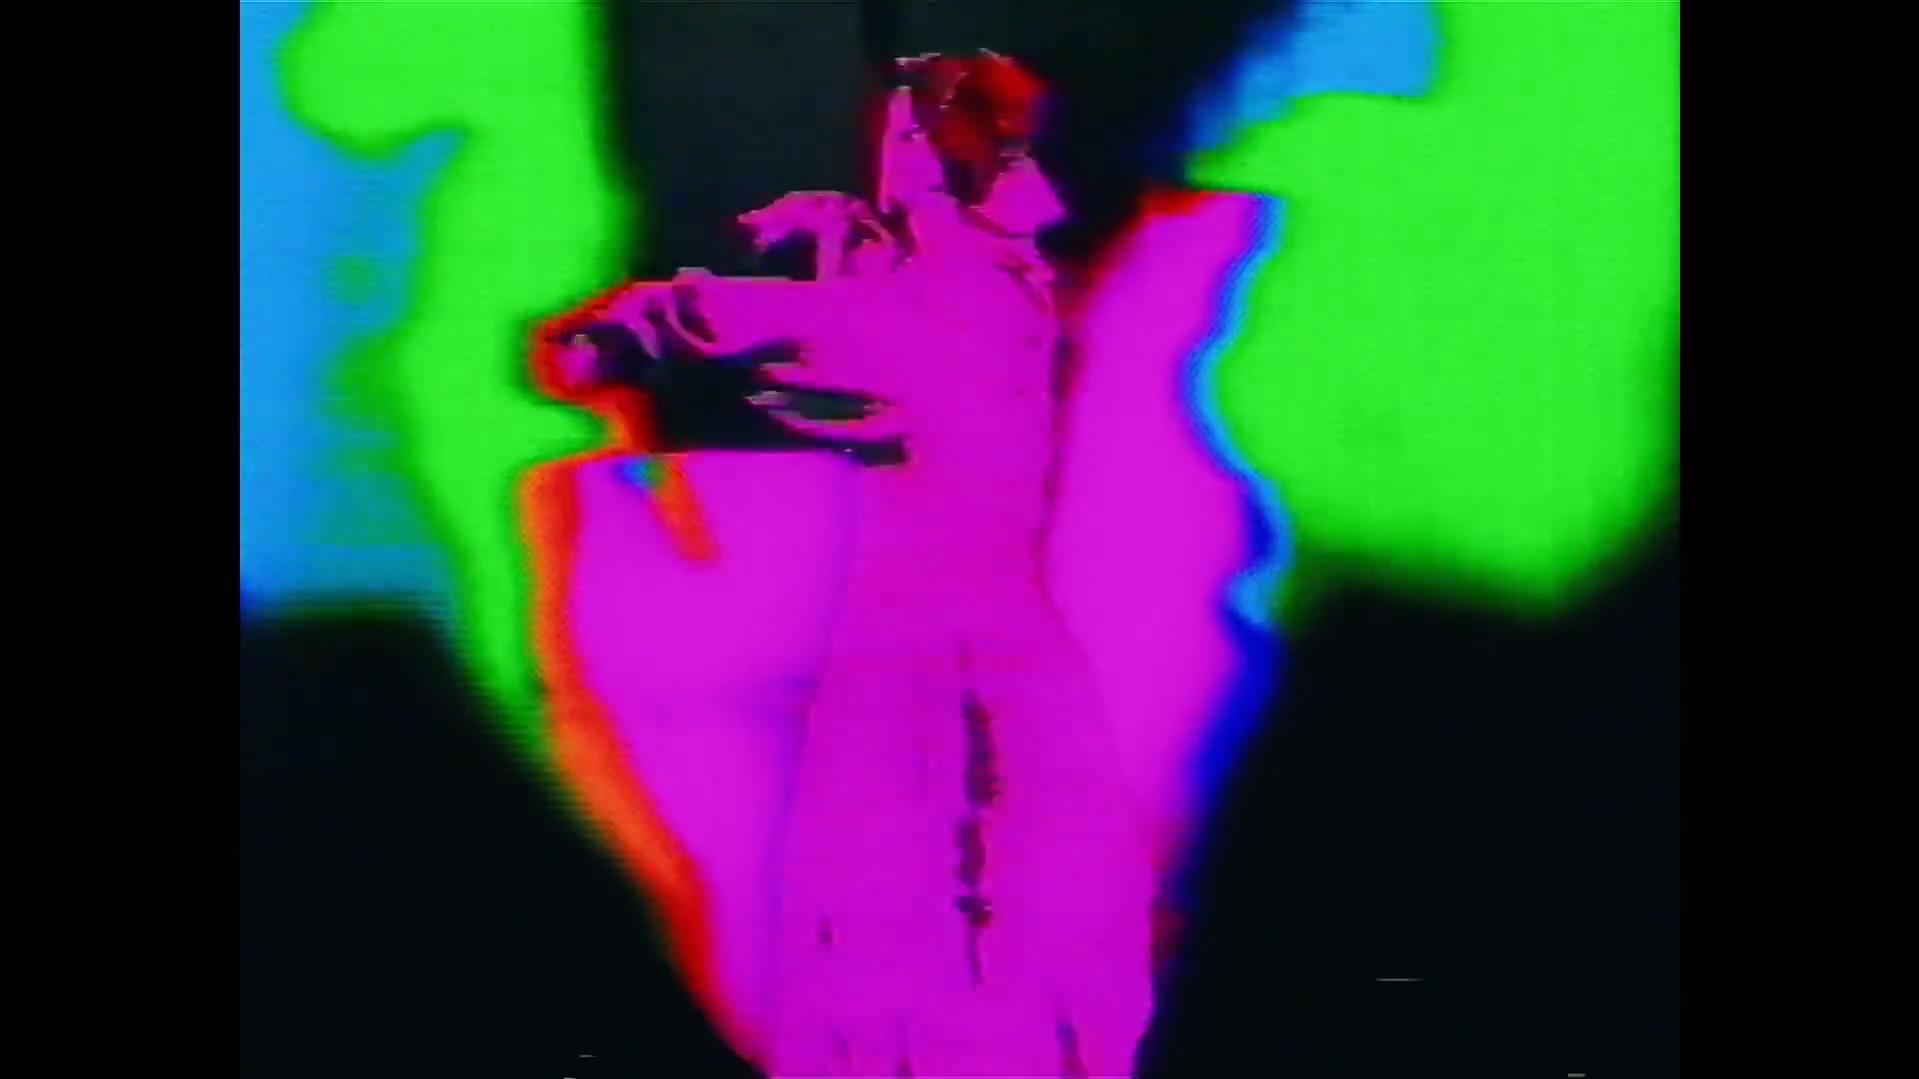 Cena do curta TV a Cabo (Ou Uma Noite na Vida). Perspectiva quadrada. Uma dançarina de costas para a tela, colorizada em um tom rosa choque, com tons azuis, verdes e vermelhos do seu lado e um negro acima e abaixo.